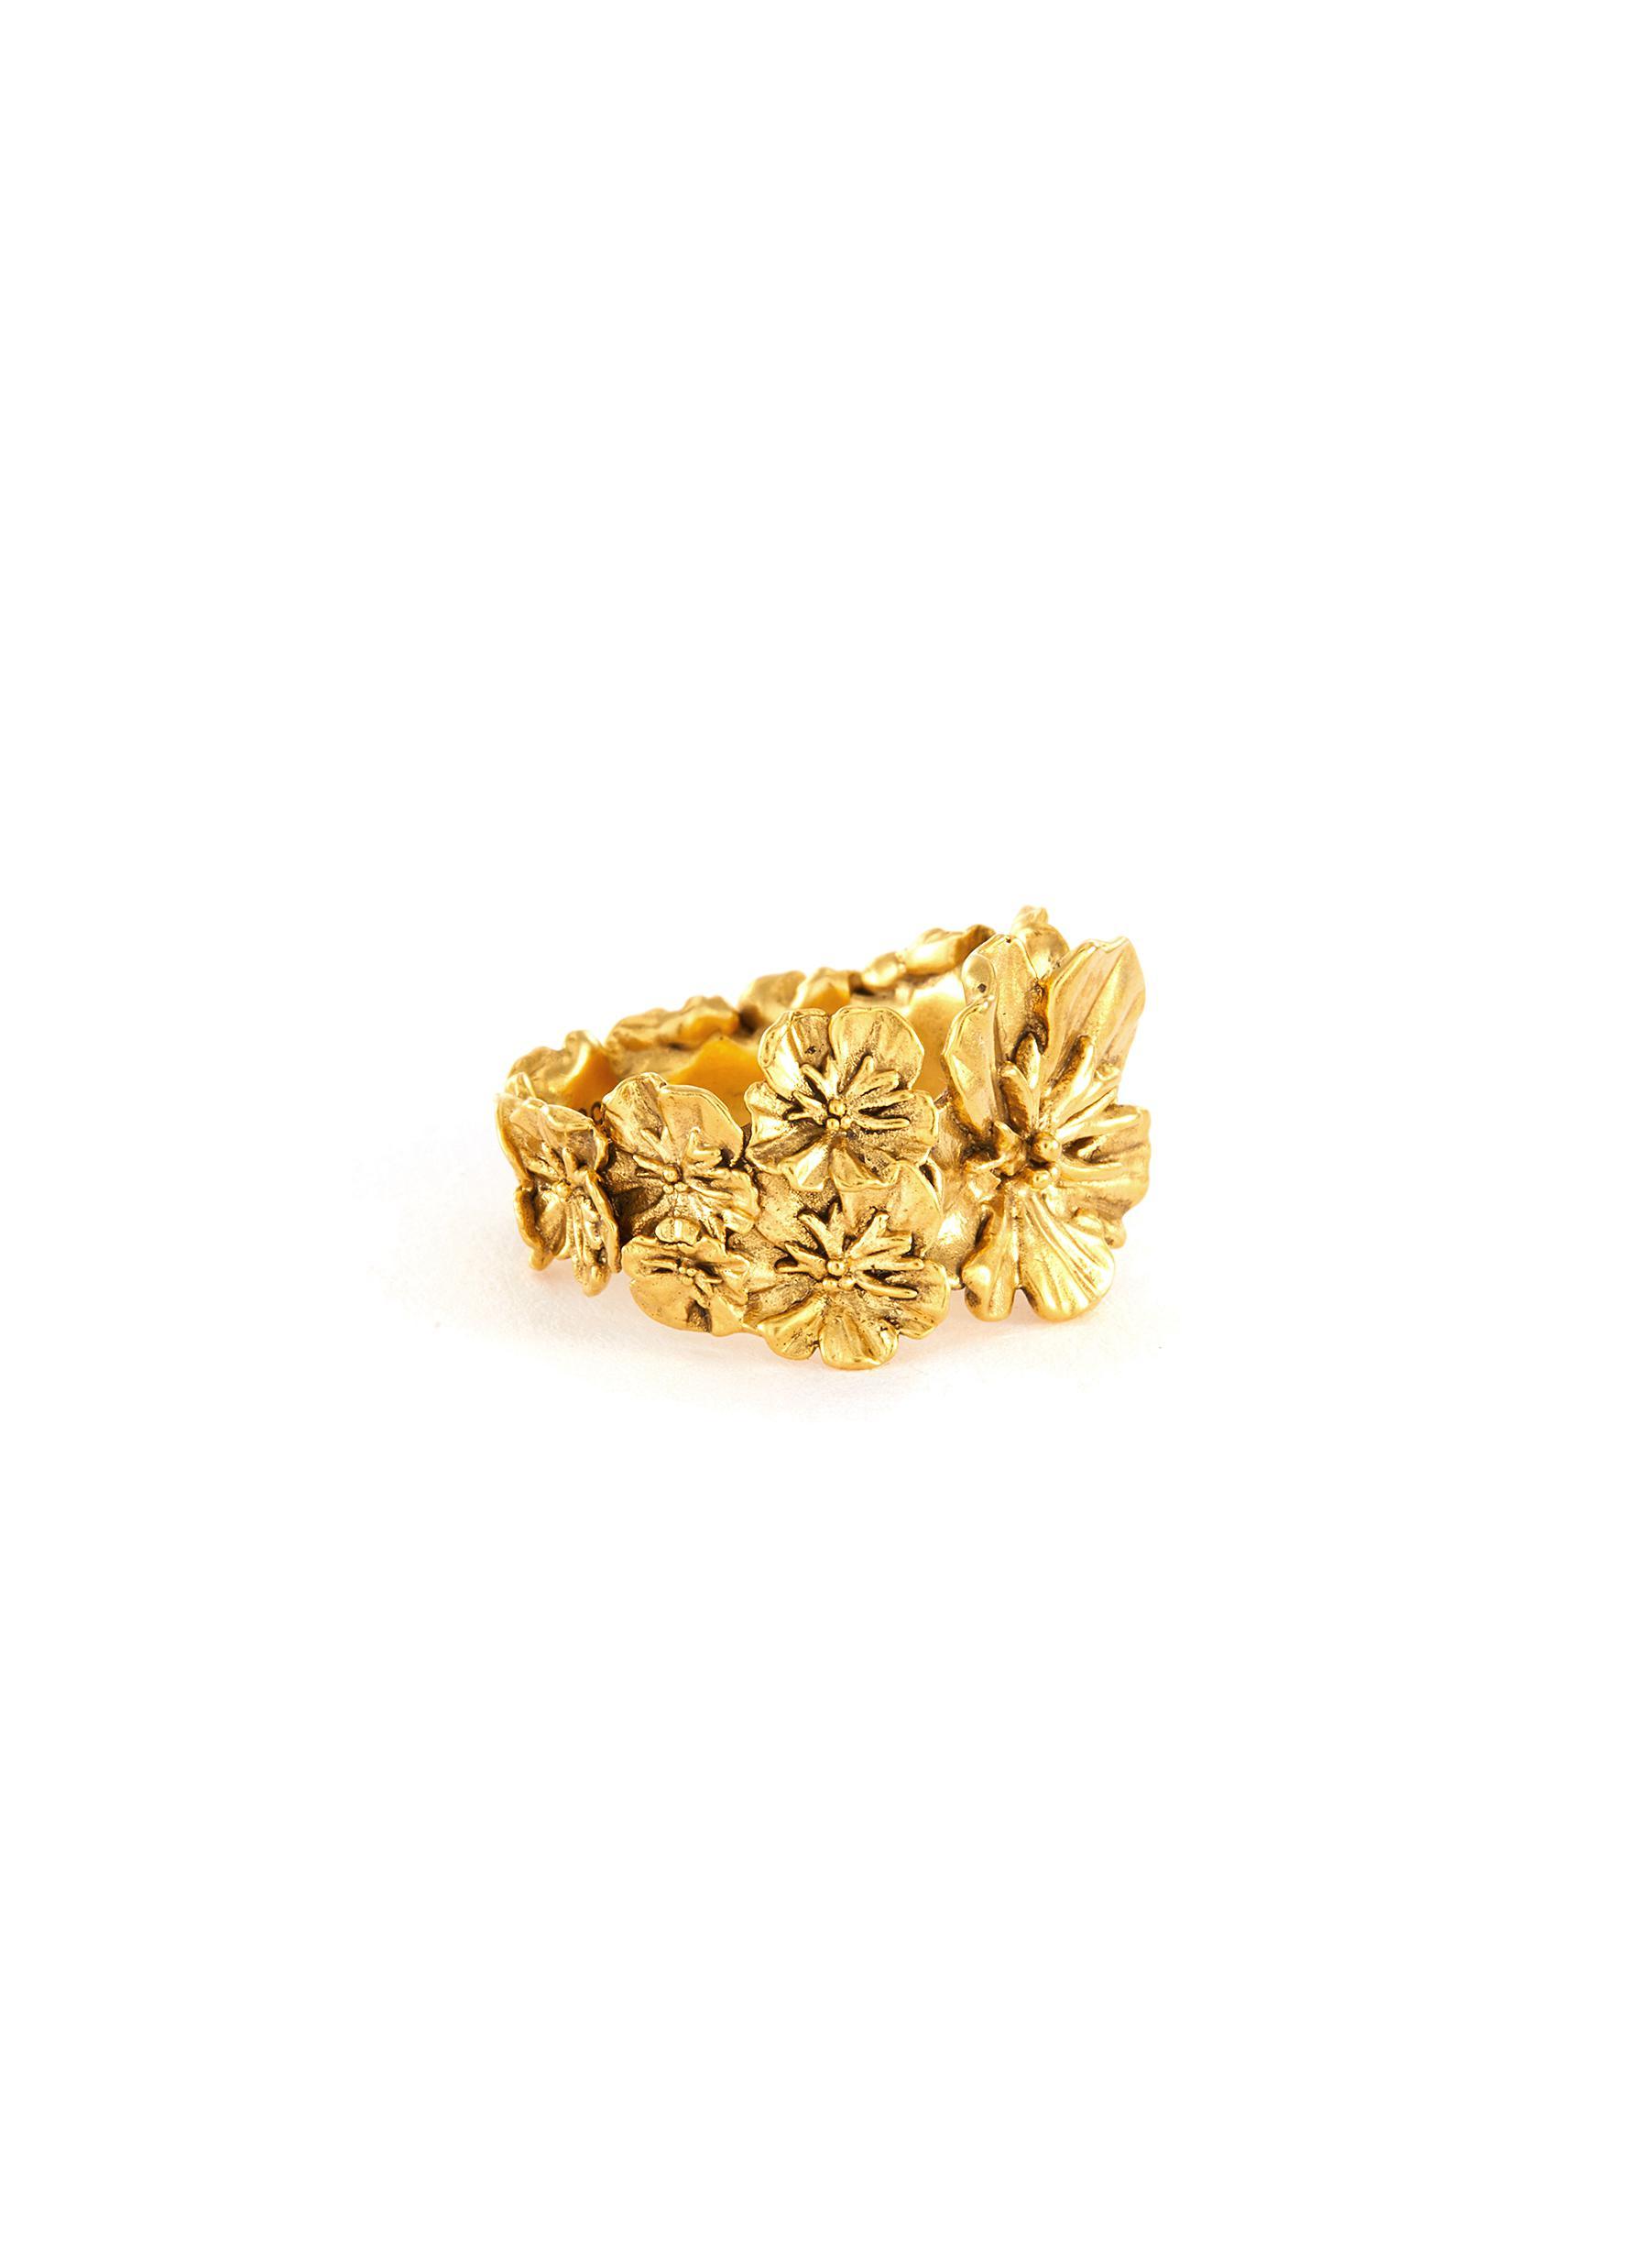 Flower motif metal ring